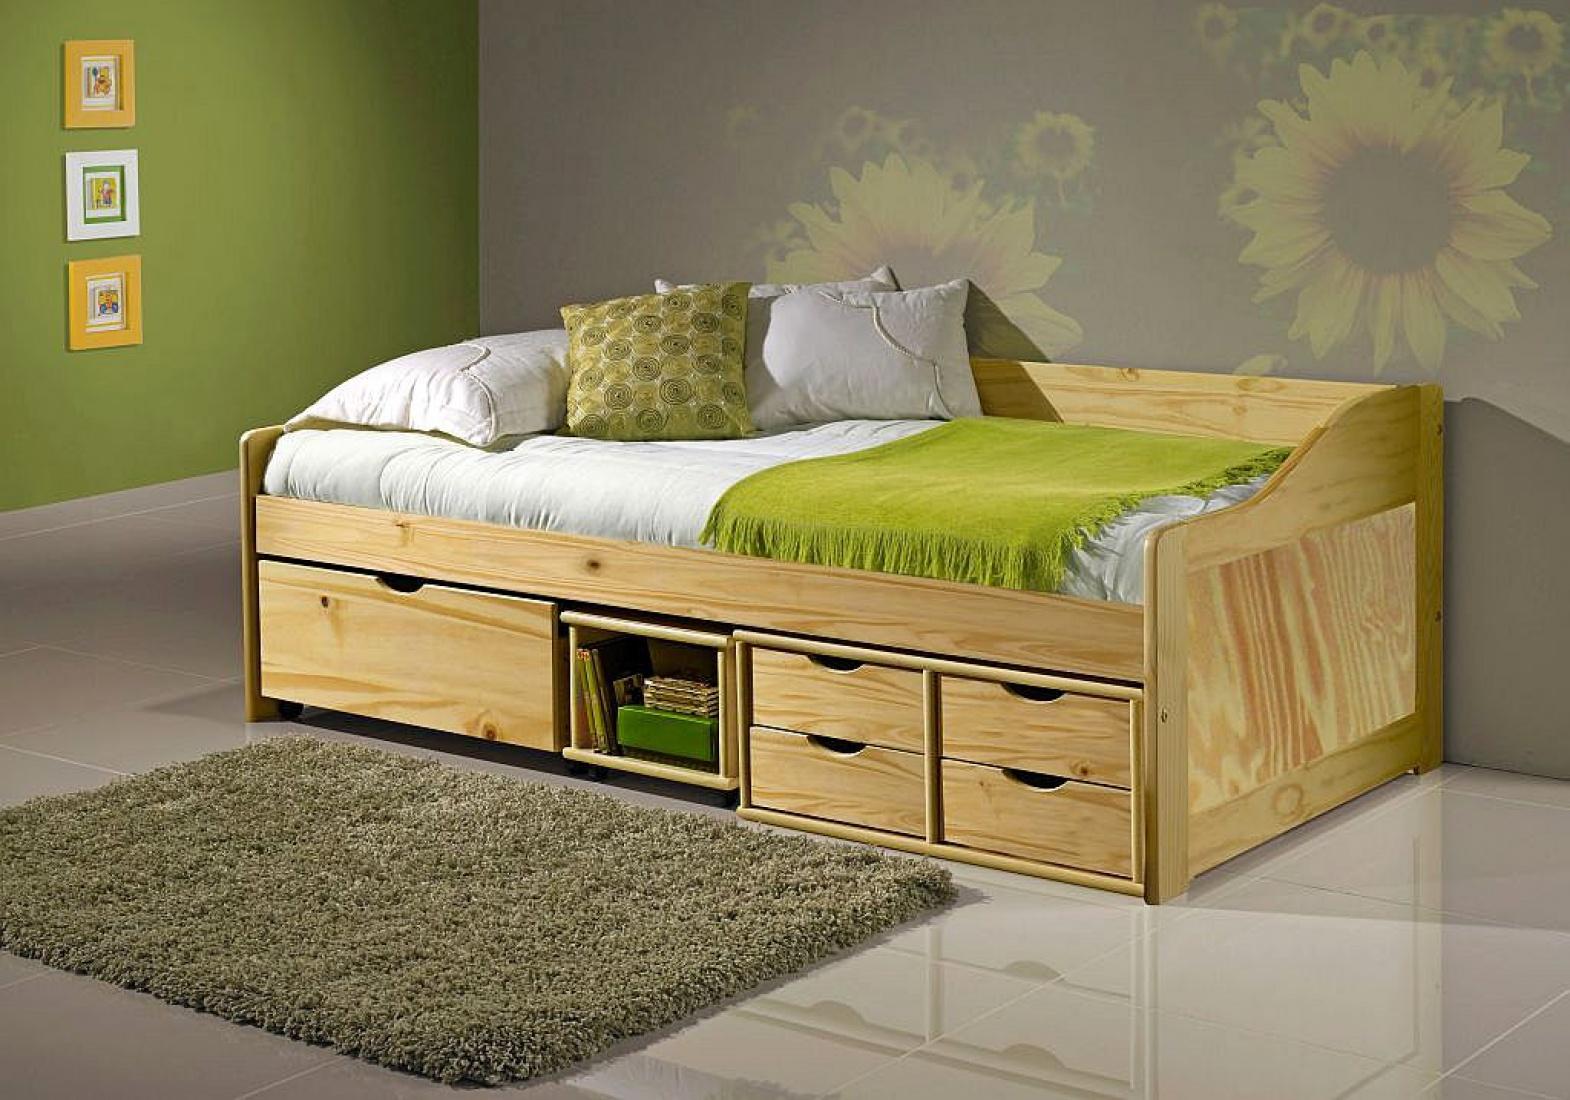 doli sofabett 90x200 mit schubladen und lattenrost kaufen bei m bel lux. Black Bedroom Furniture Sets. Home Design Ideas